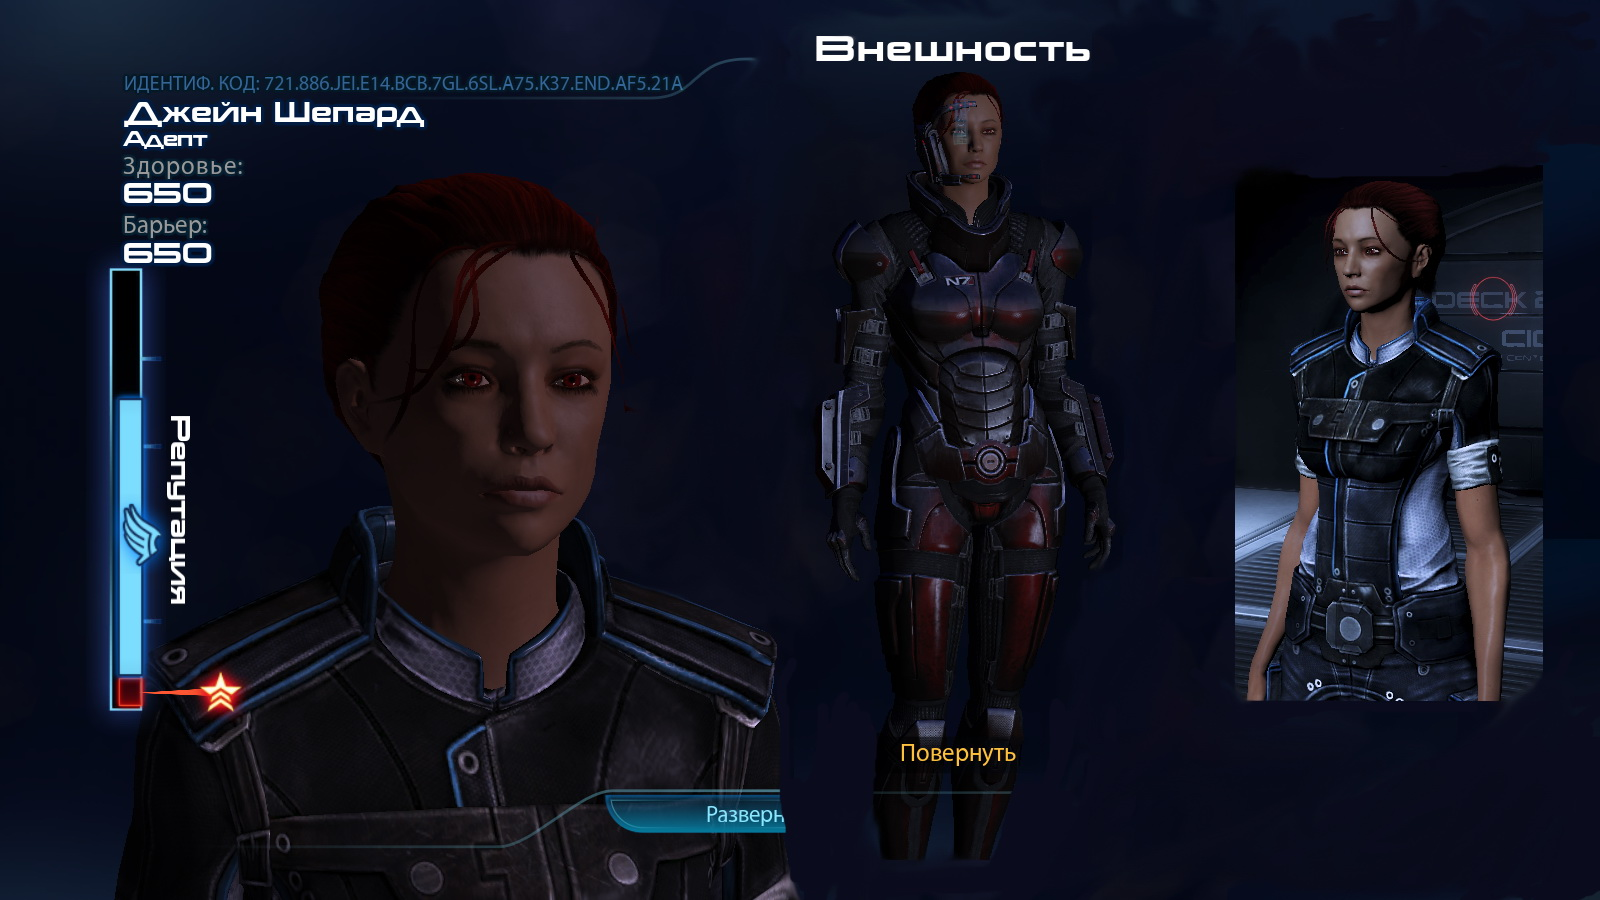 Как сделать чтобы Шепард выжил в Mass Effect 3? - Полезная информация 36